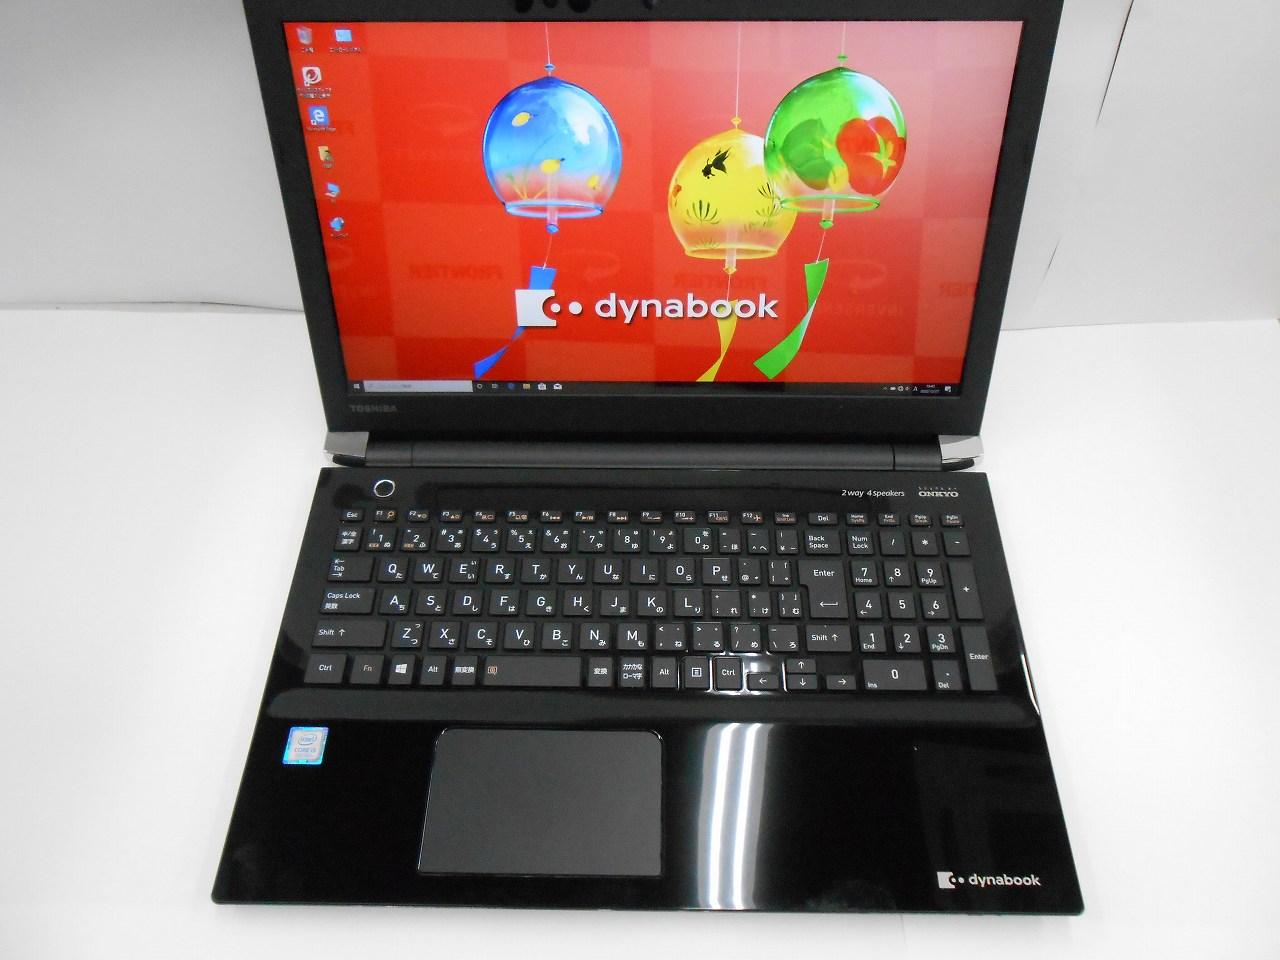 【中古】 dynabook T55/GBS/2018年モデル/Corei5 8250U 1.6GHz/メモリ8GB/SATA1000GB/15インチ/Windows10Home【3ヶ月保証】【足立店発送】